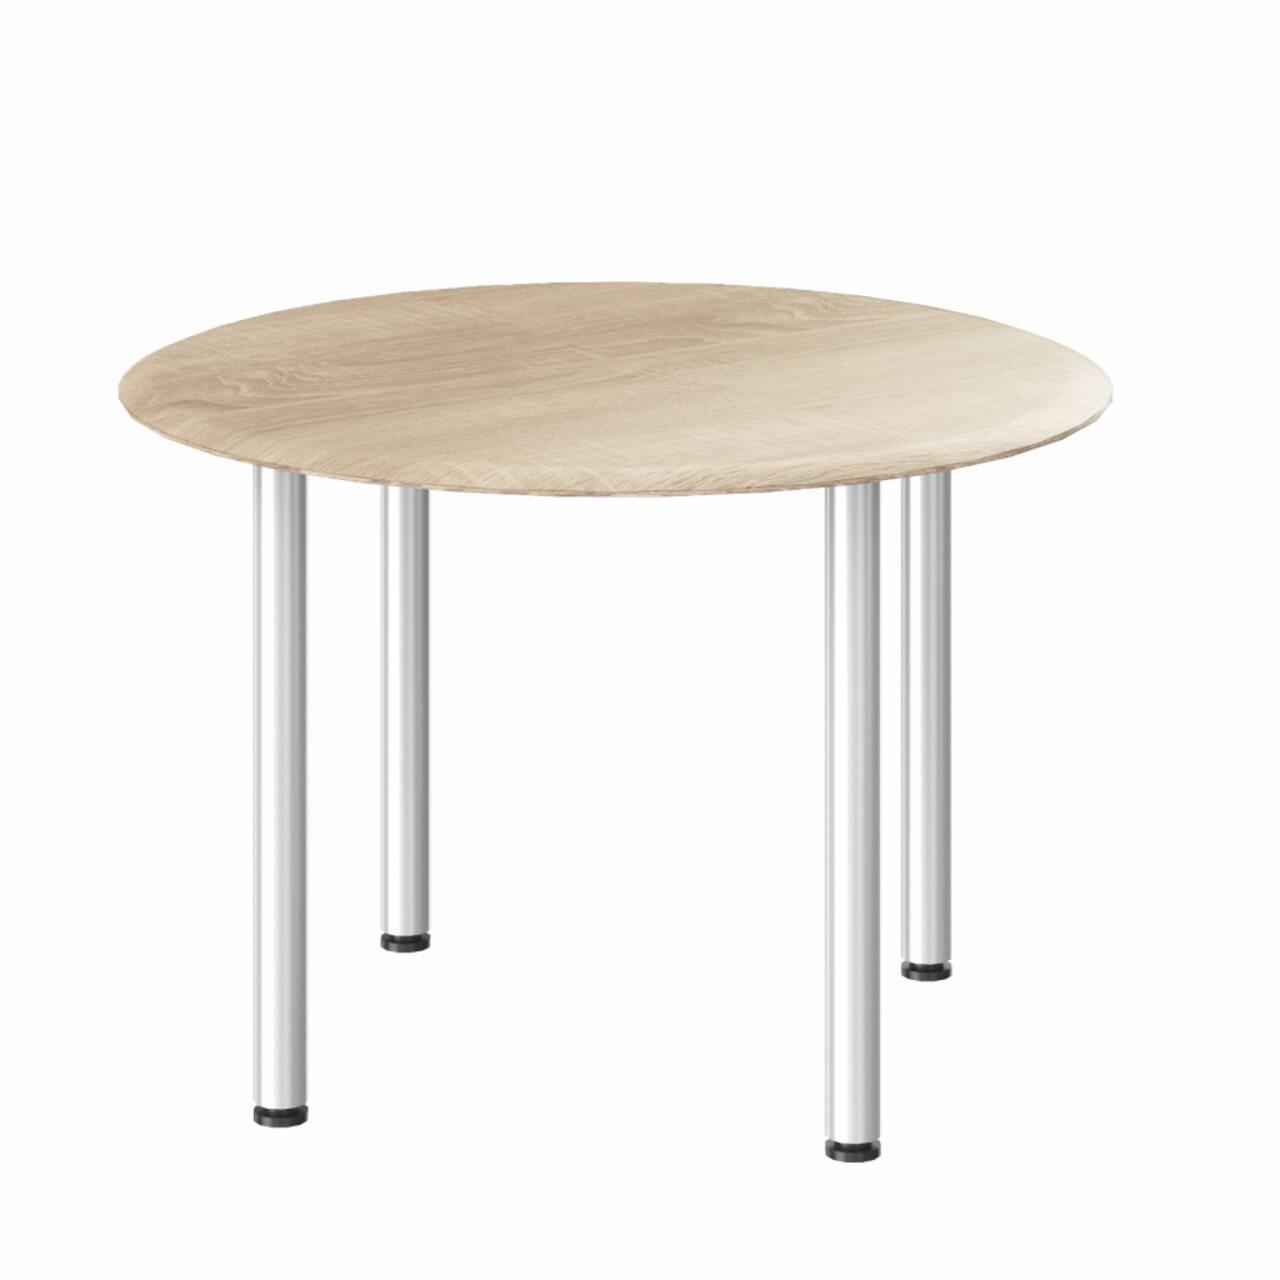 Конференц-стол WAVE 110x110x75 - фото 1